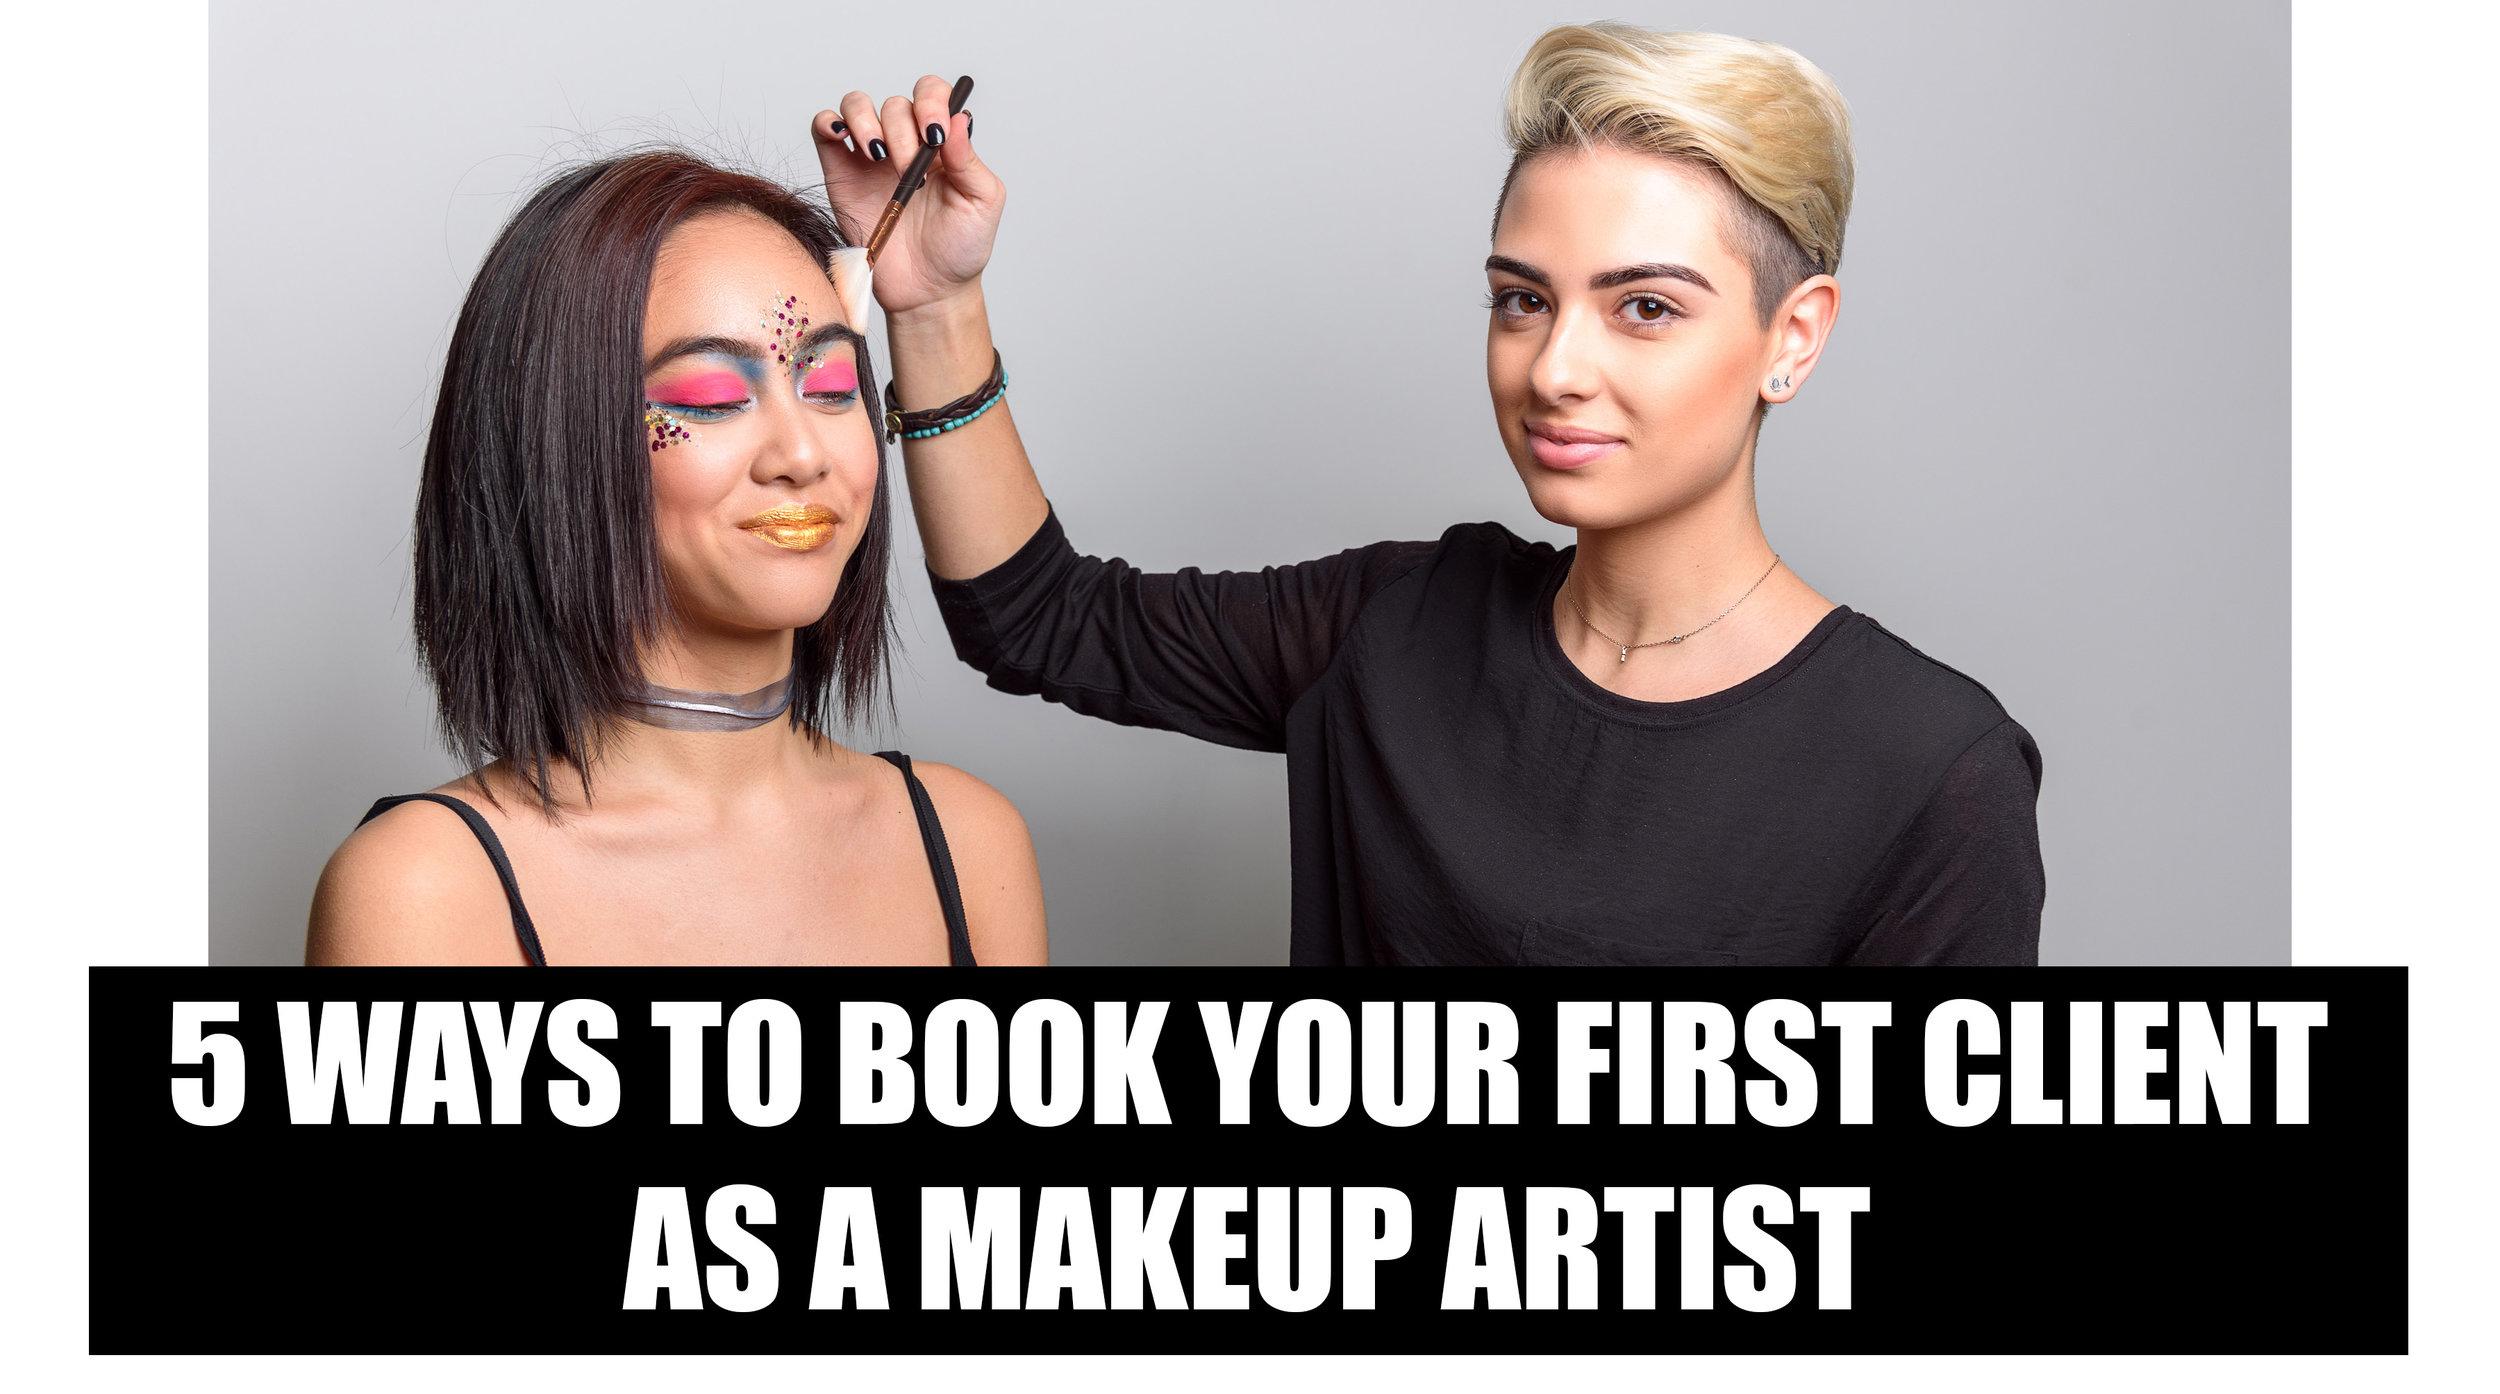 First Client As A Makeup Artist